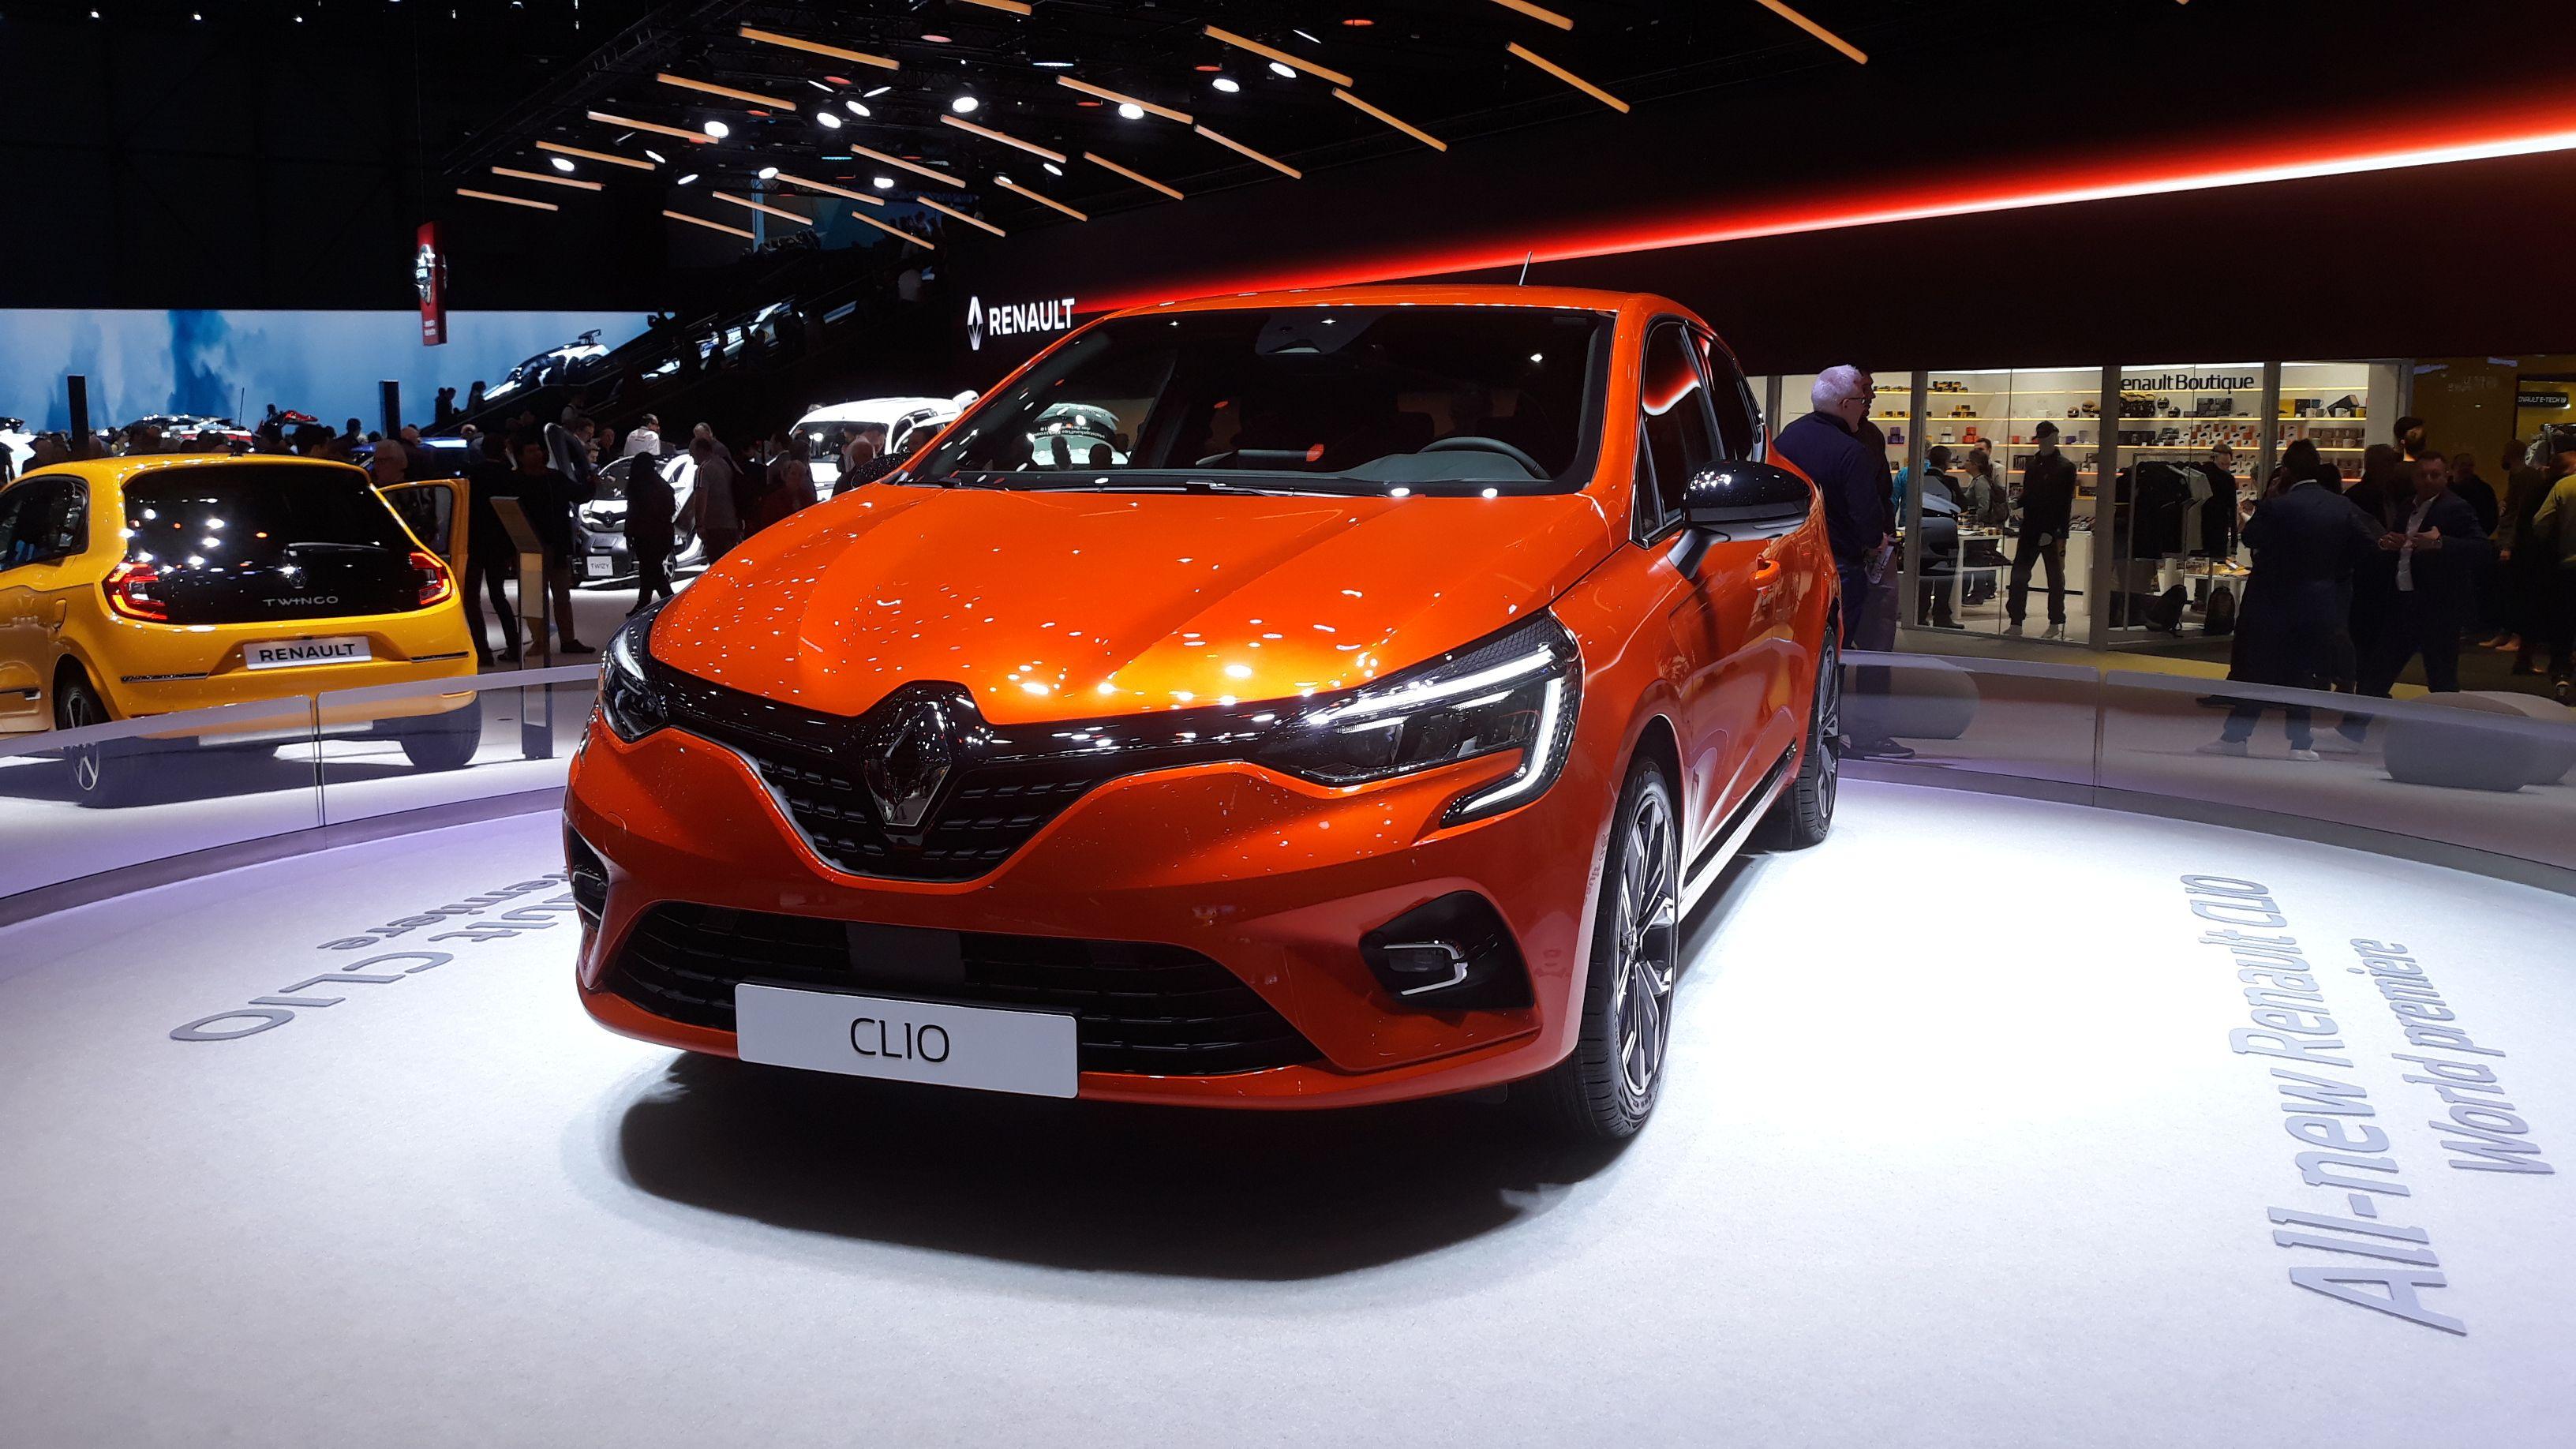 Renault Clio Premiere At Geneva Motor Show Renault Clio Geneva Motor Show New Renault Clio